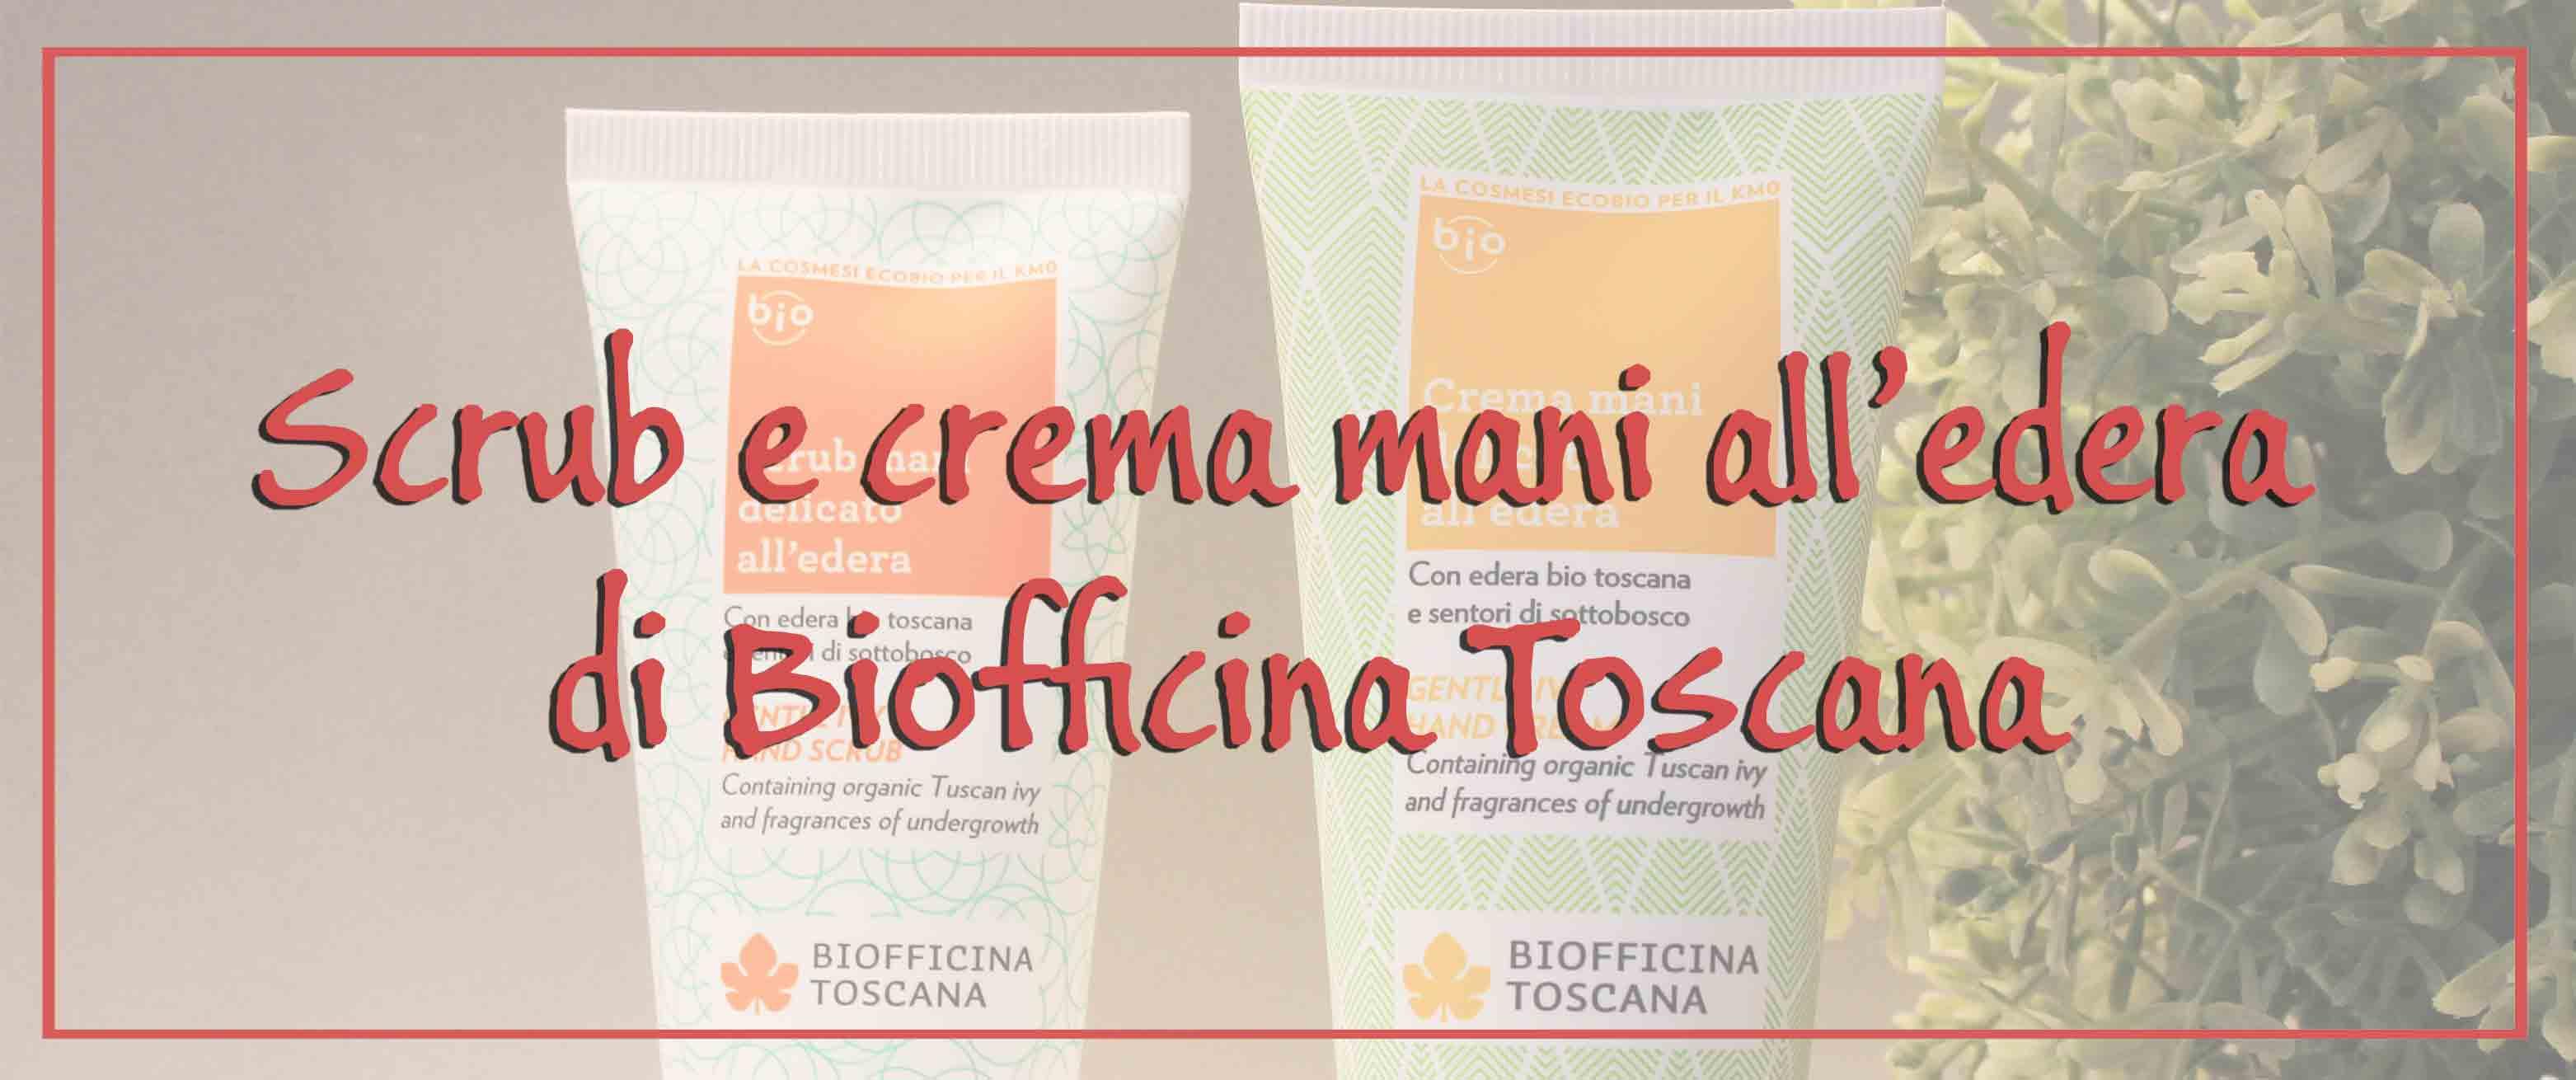 Recensione di scrub e crema mani all'edera di Biofficina Toscana